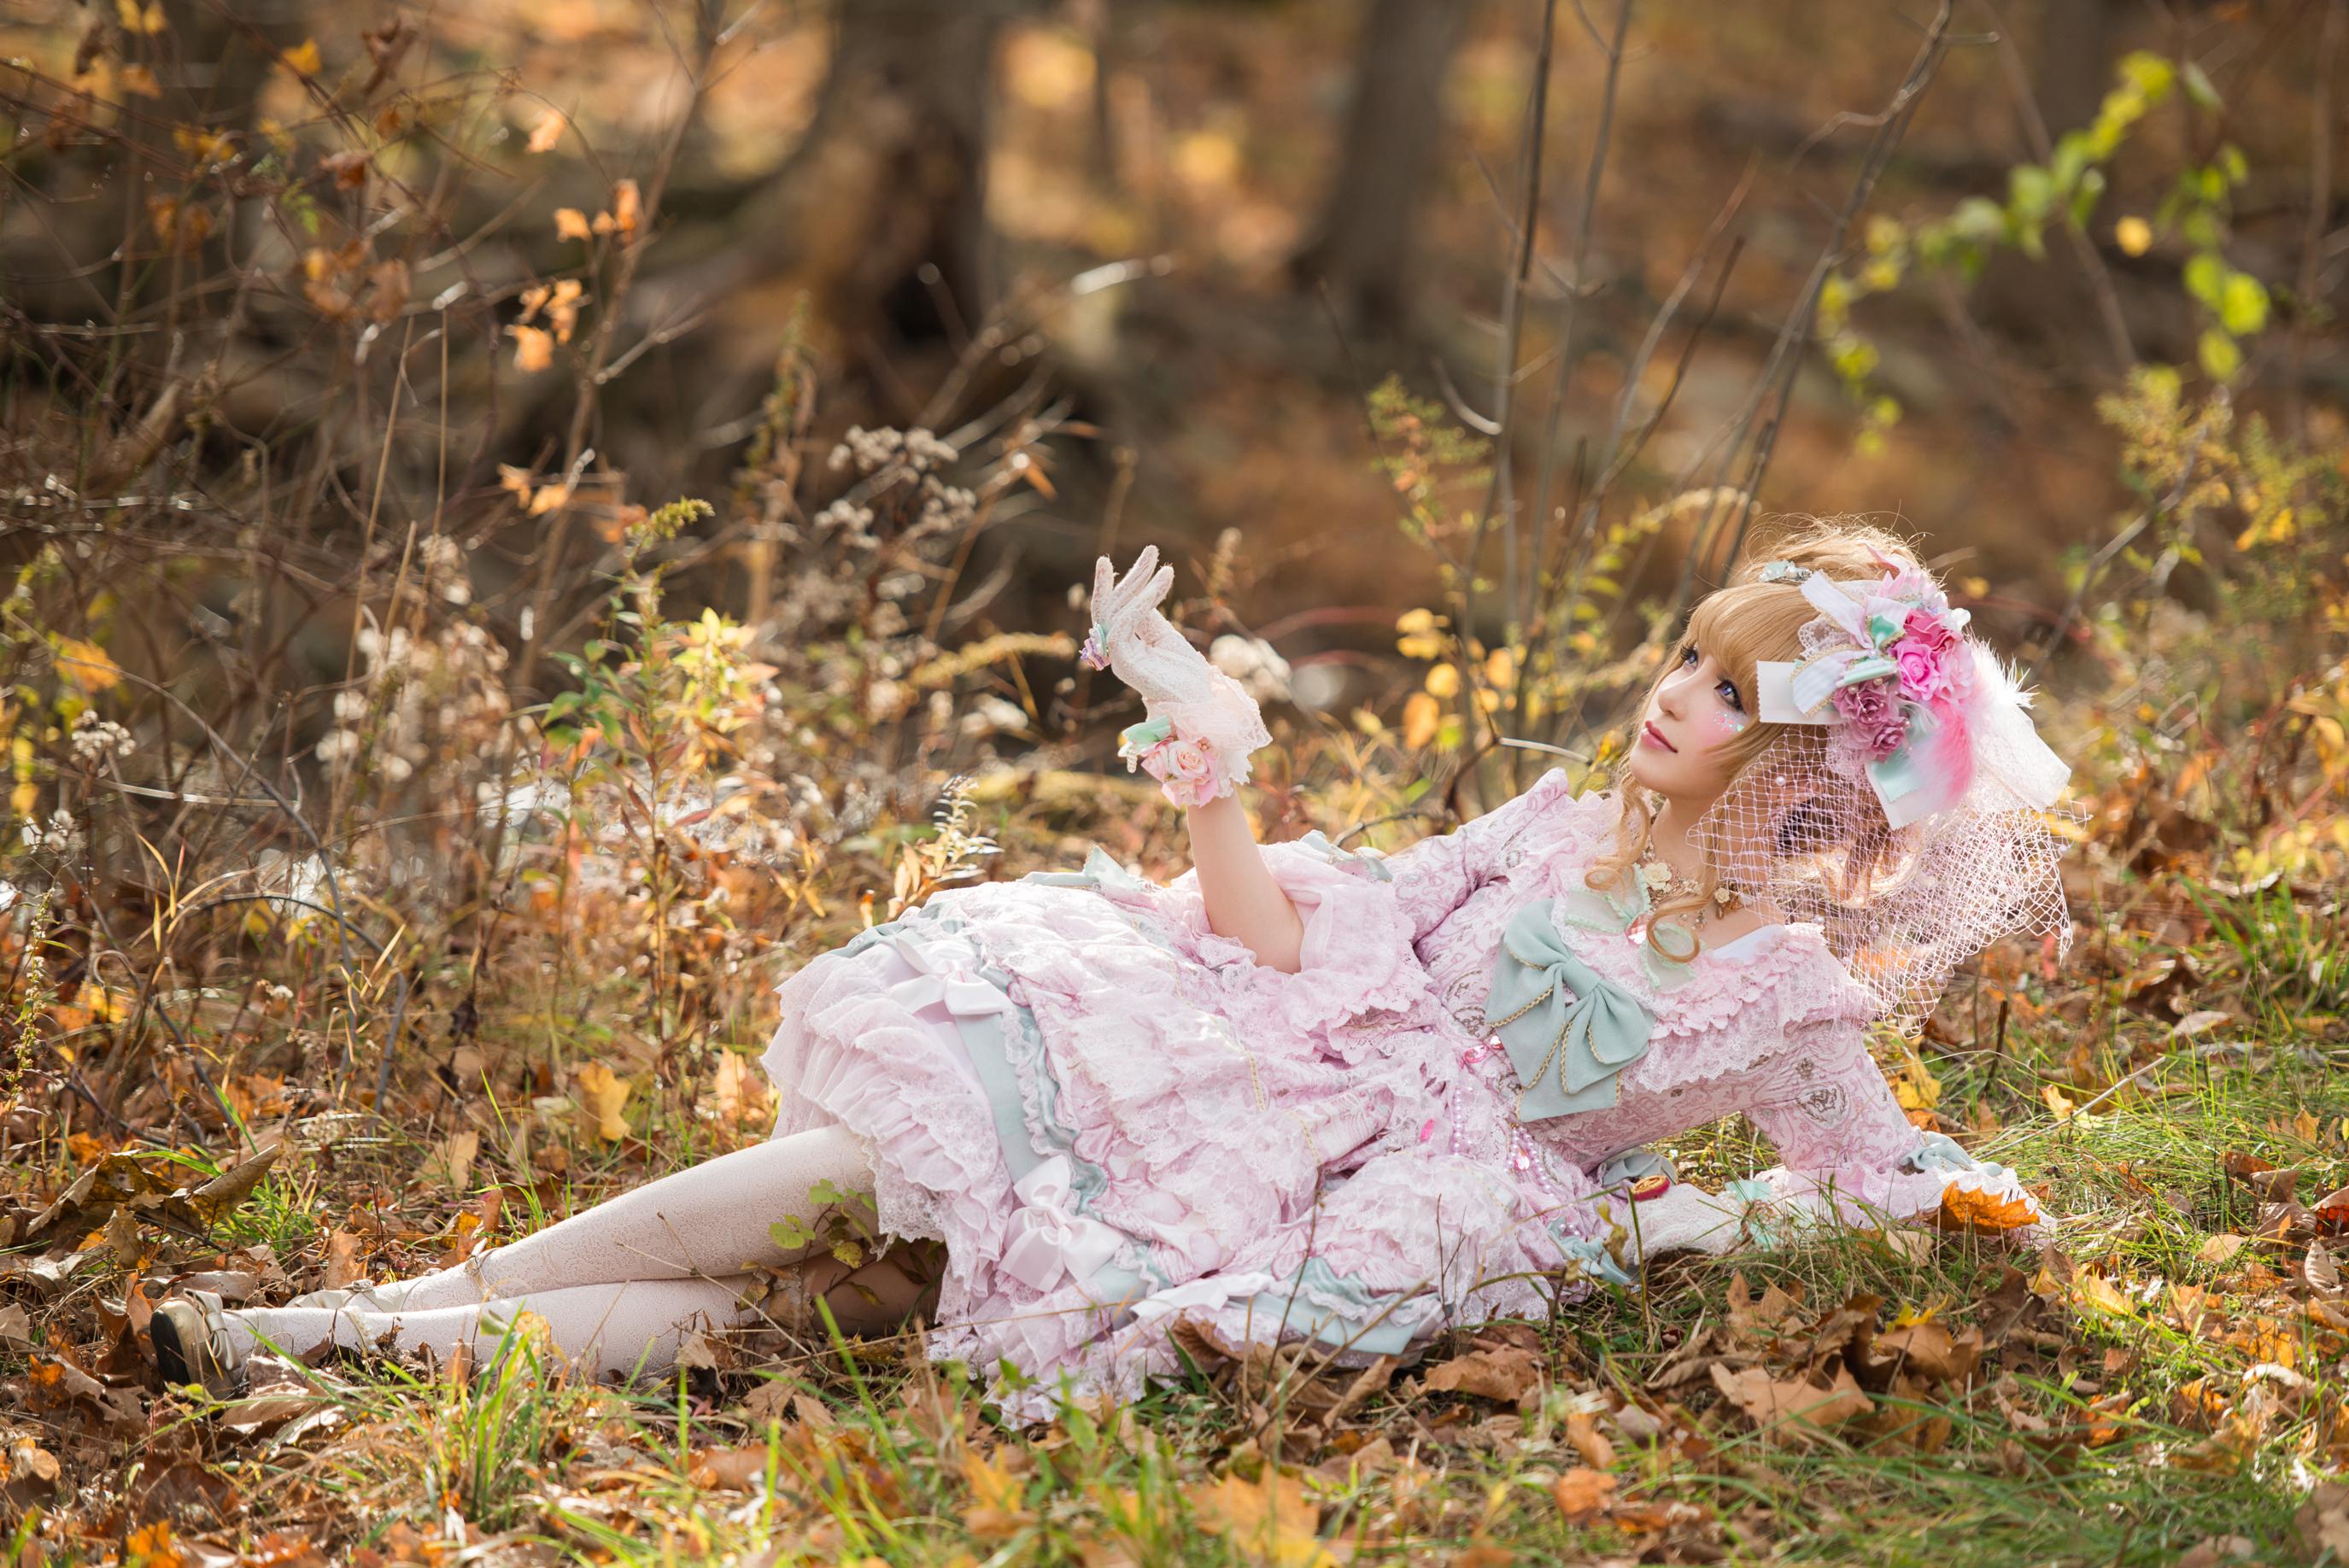 LolitaFashion_by_CurtisPan_15